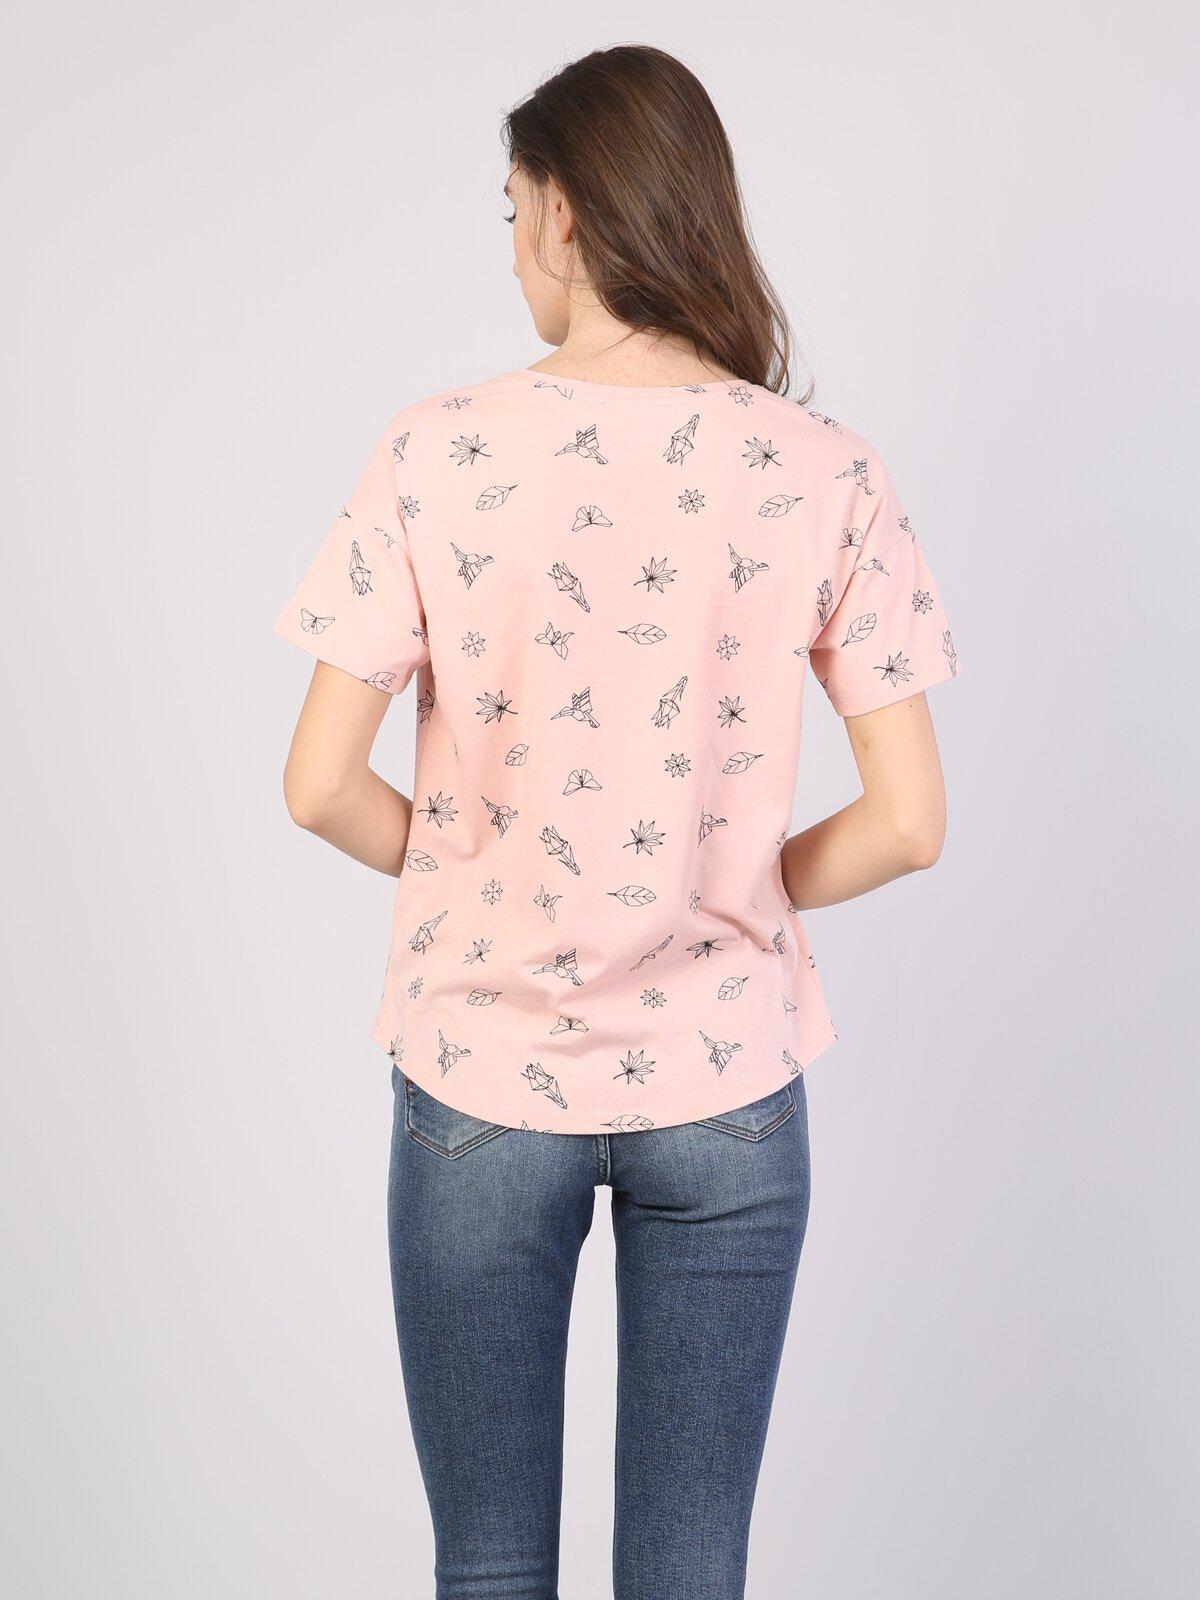 Pembe Yuvarlak Yaka Kısa Kol Tişört